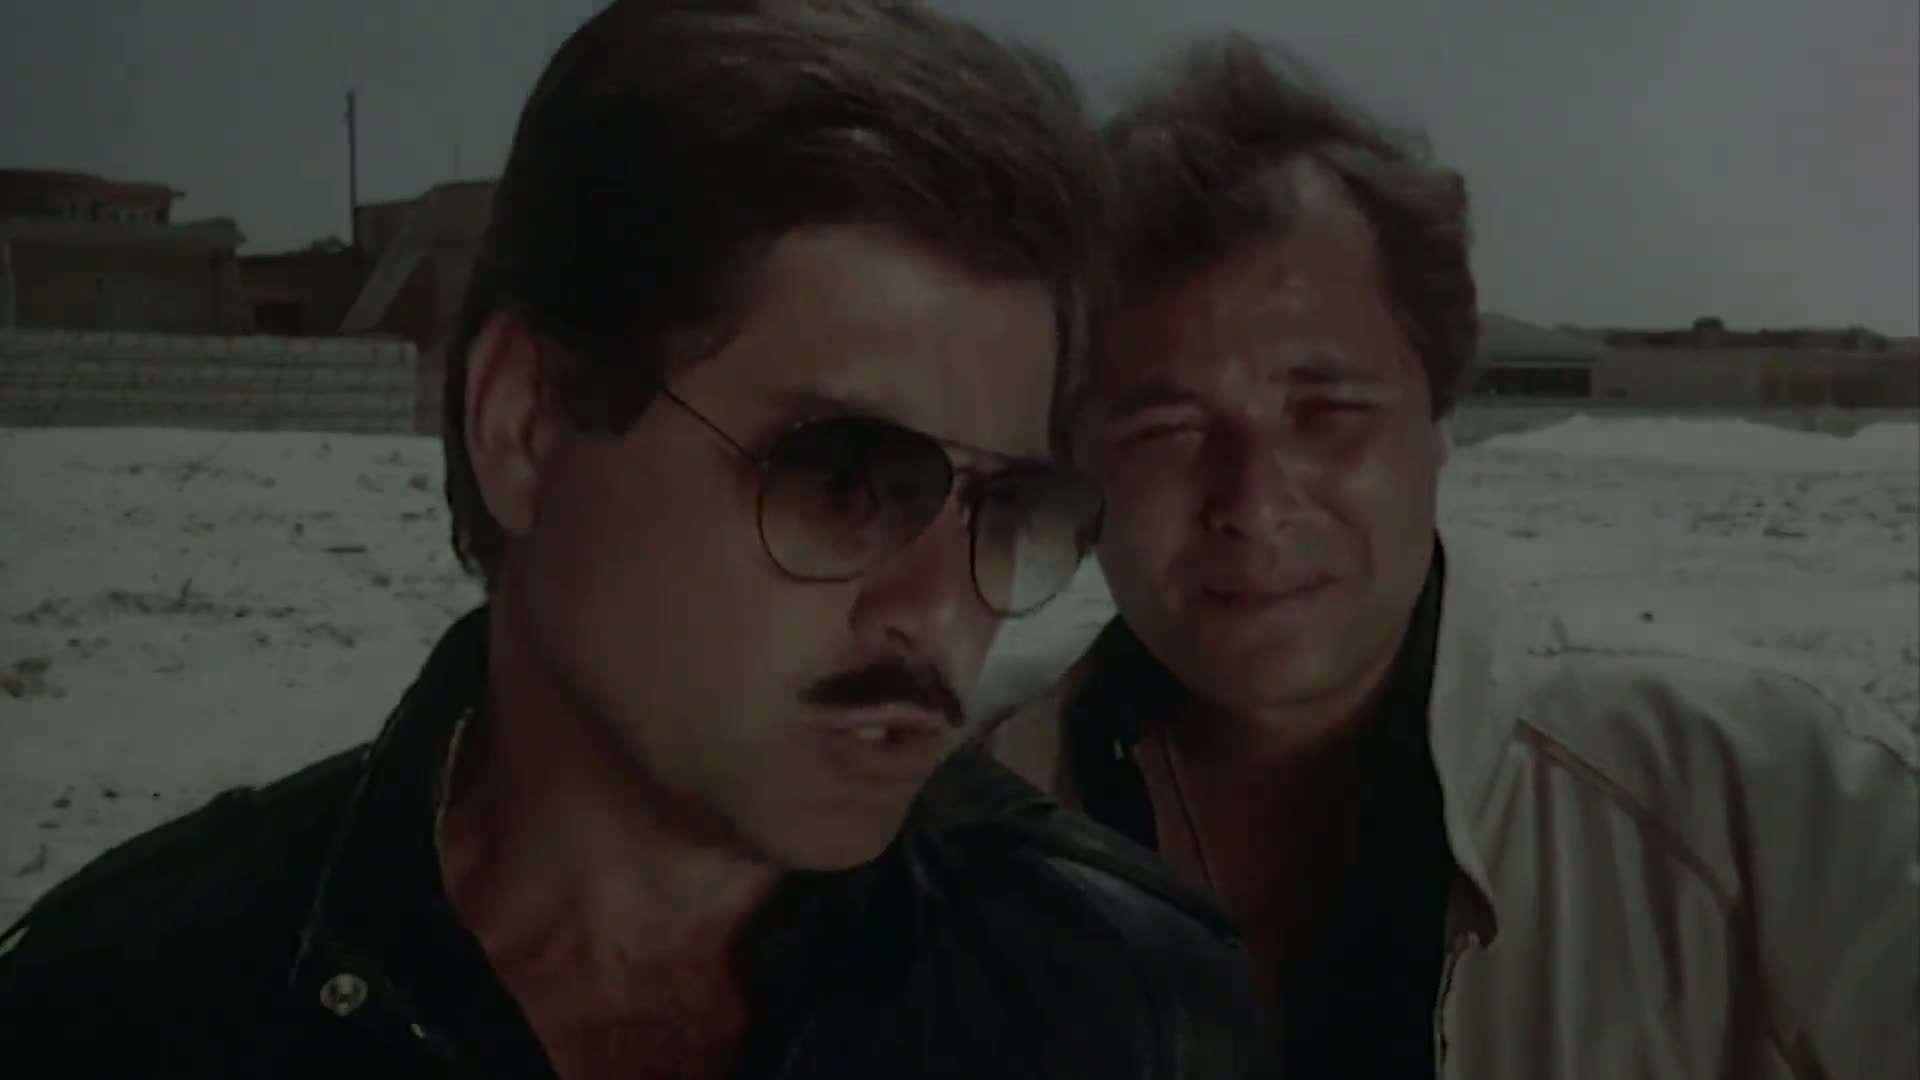 [فيلم][تورنت][تحميل][العار][1982][1080p][Web-DL] 12 arabp2p.com